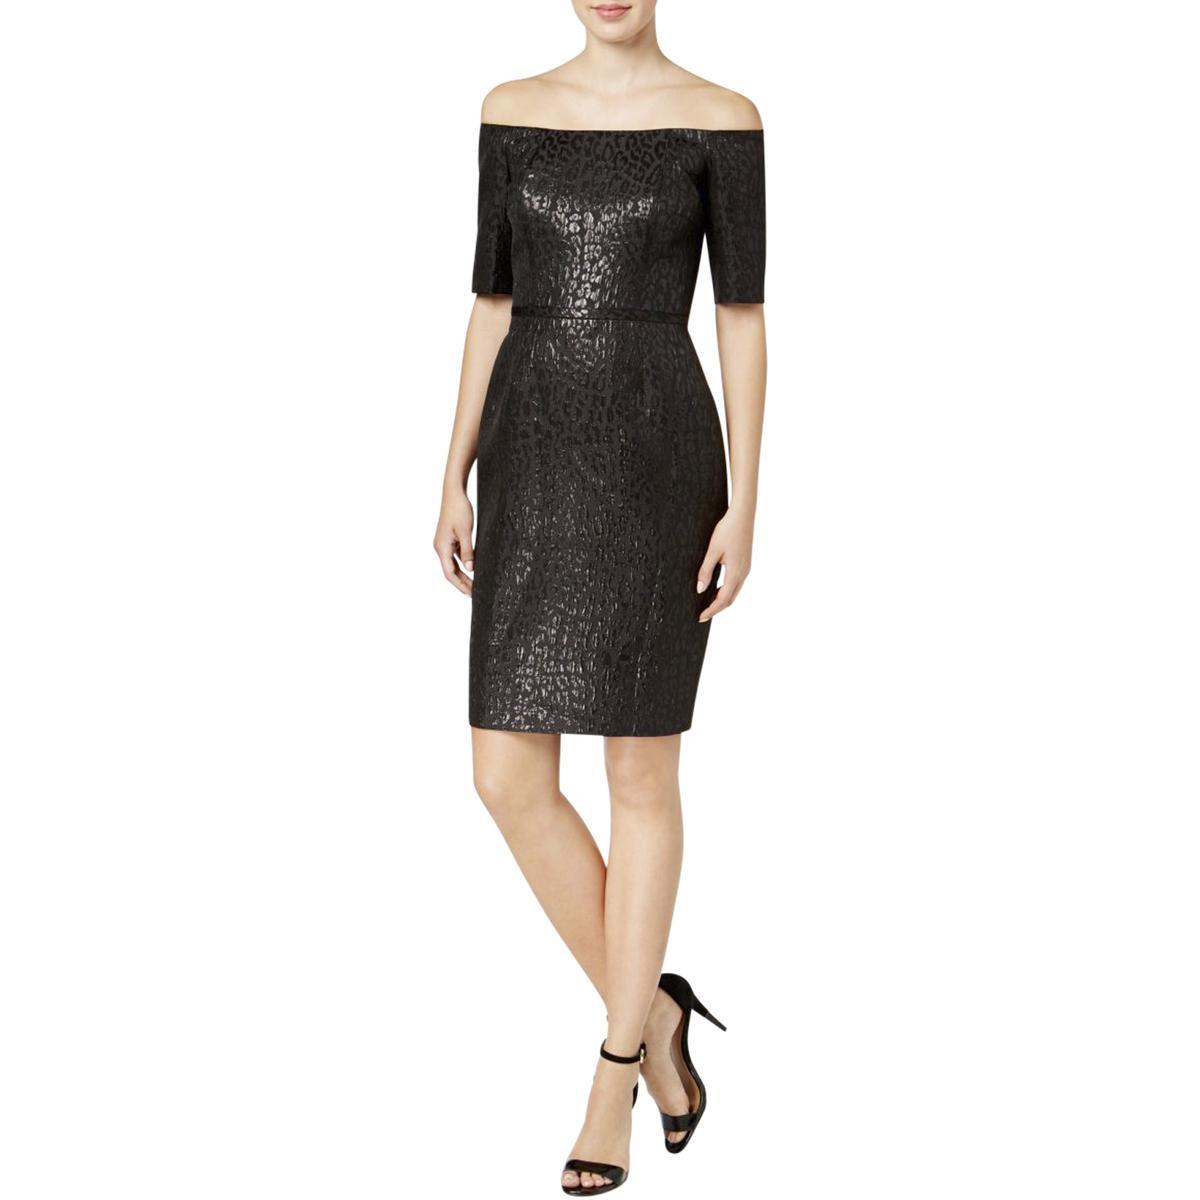 2d8fec954eb Details about Calvin Klein Womens Black Party Off-The-Shoulder Cocktail  Dress 2 BHFO 9003